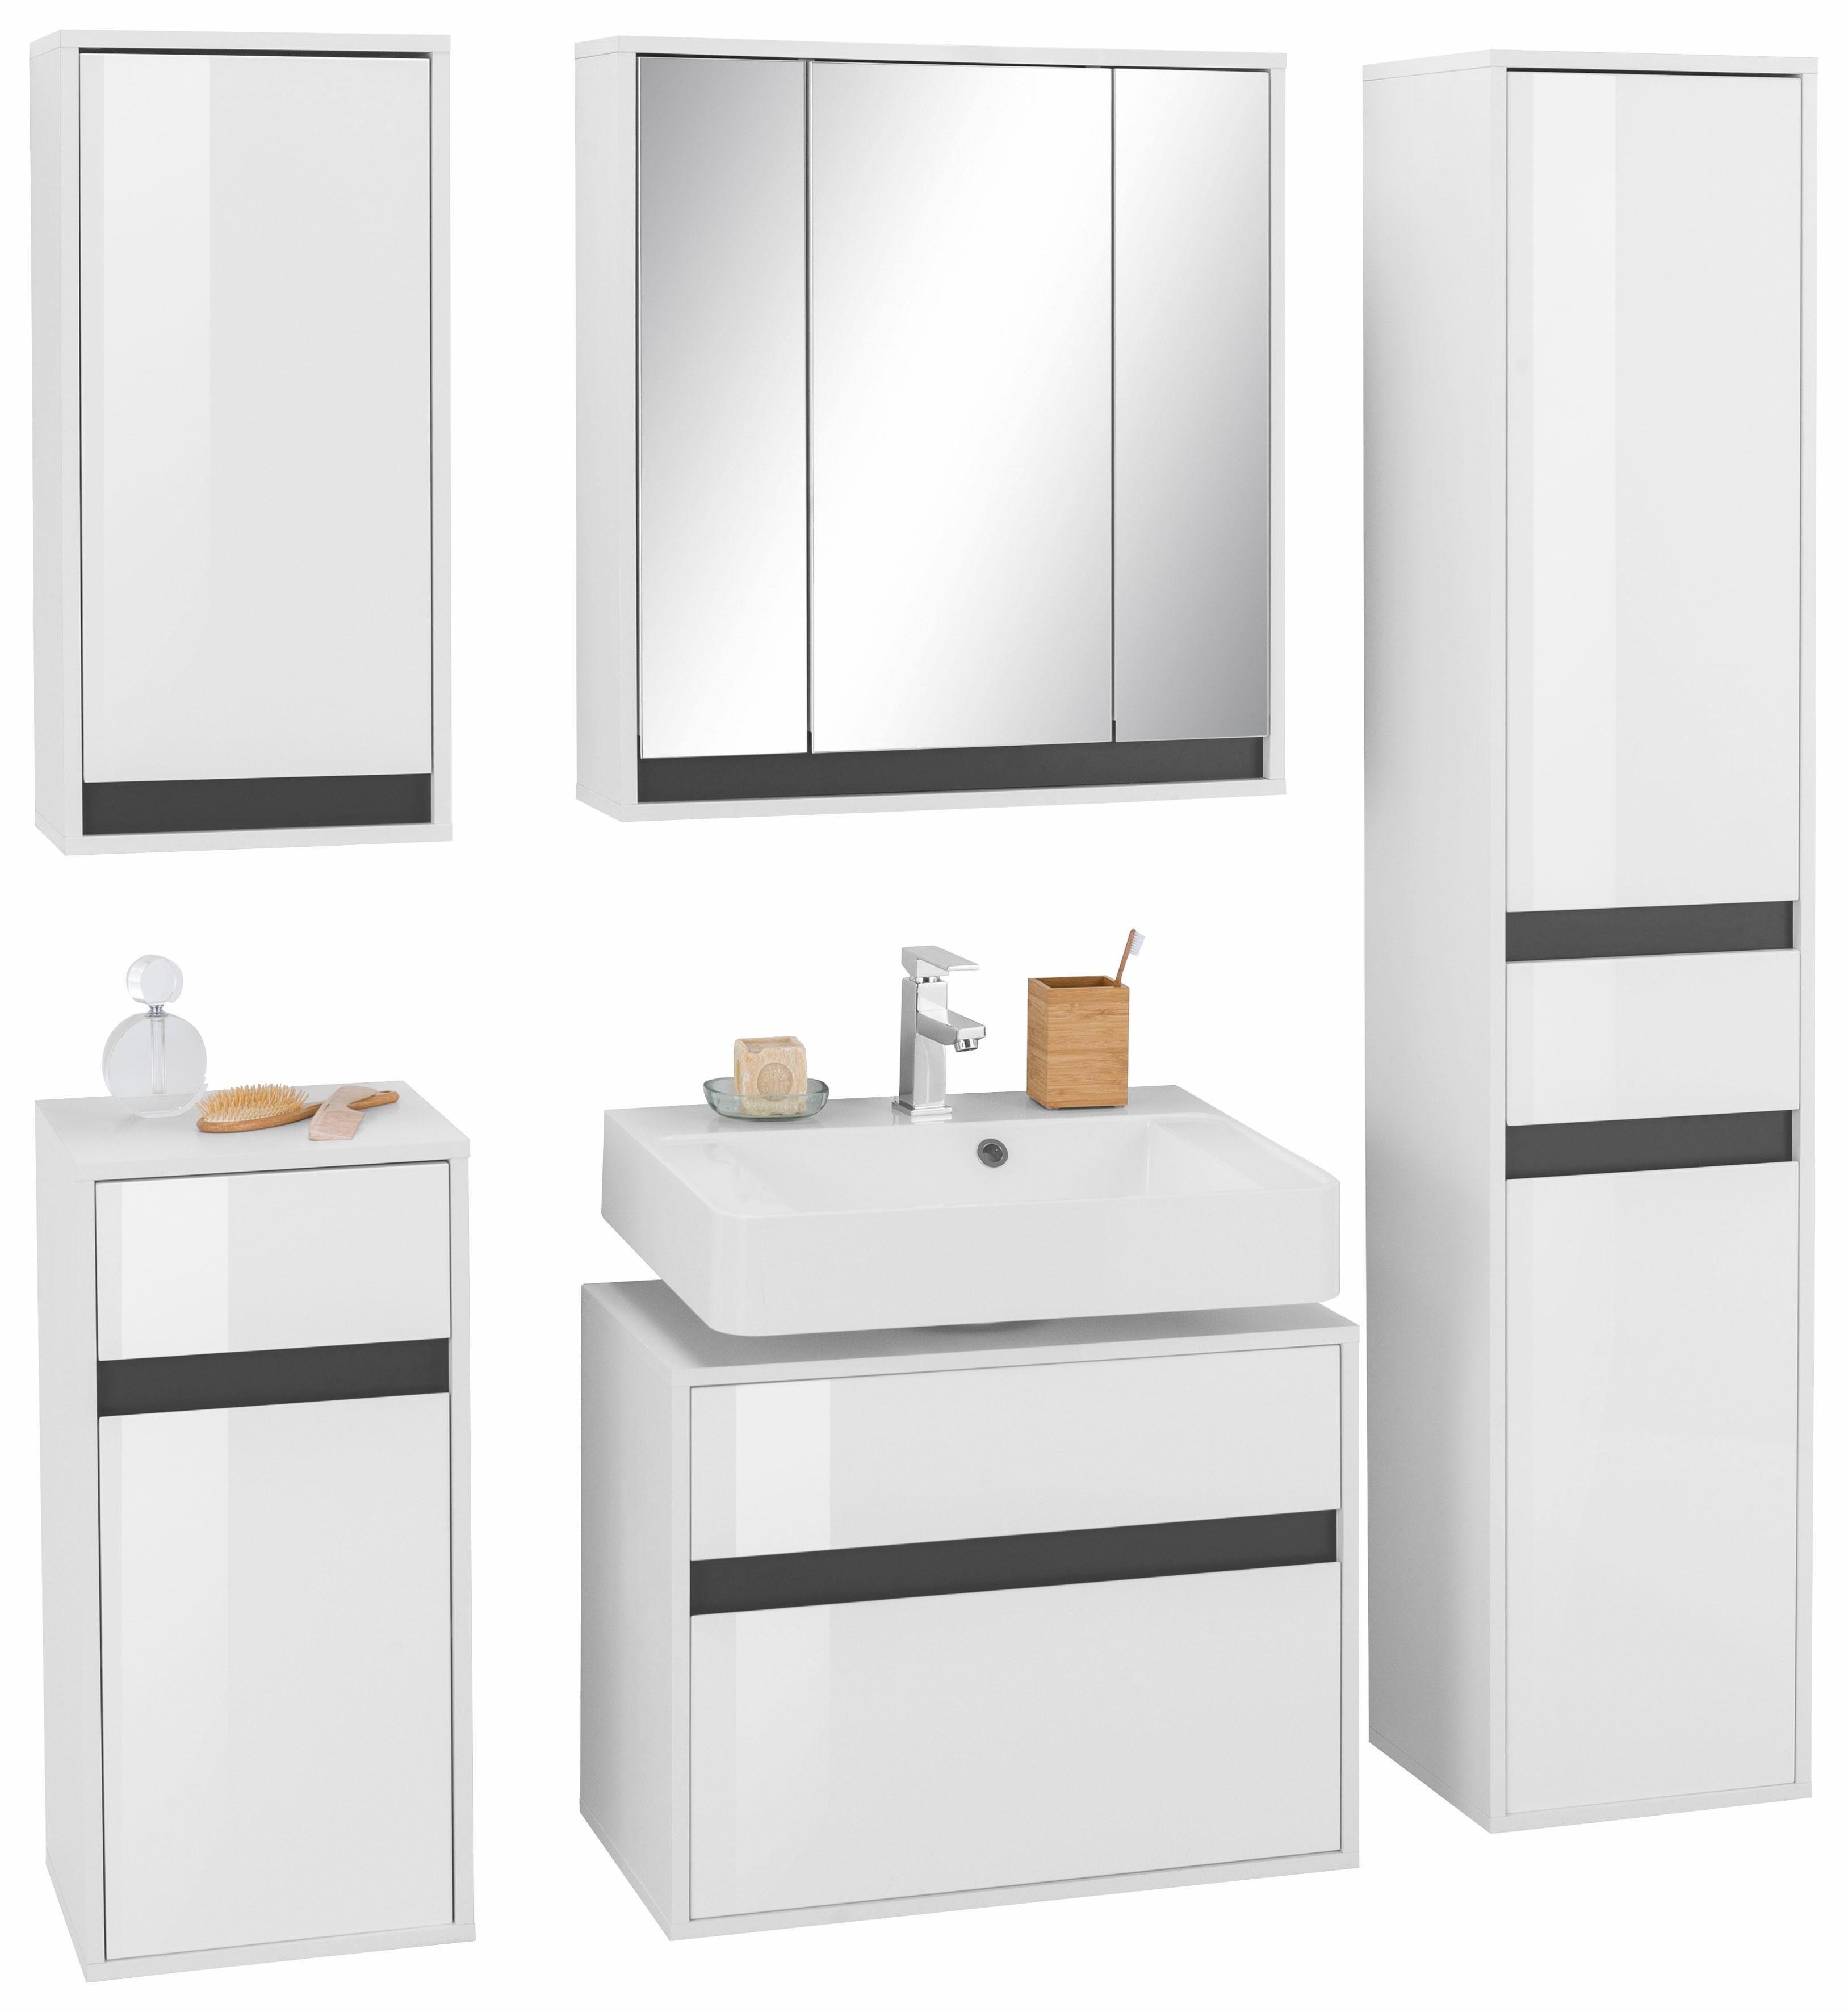 Badezimmer Möbel In Der Nähe